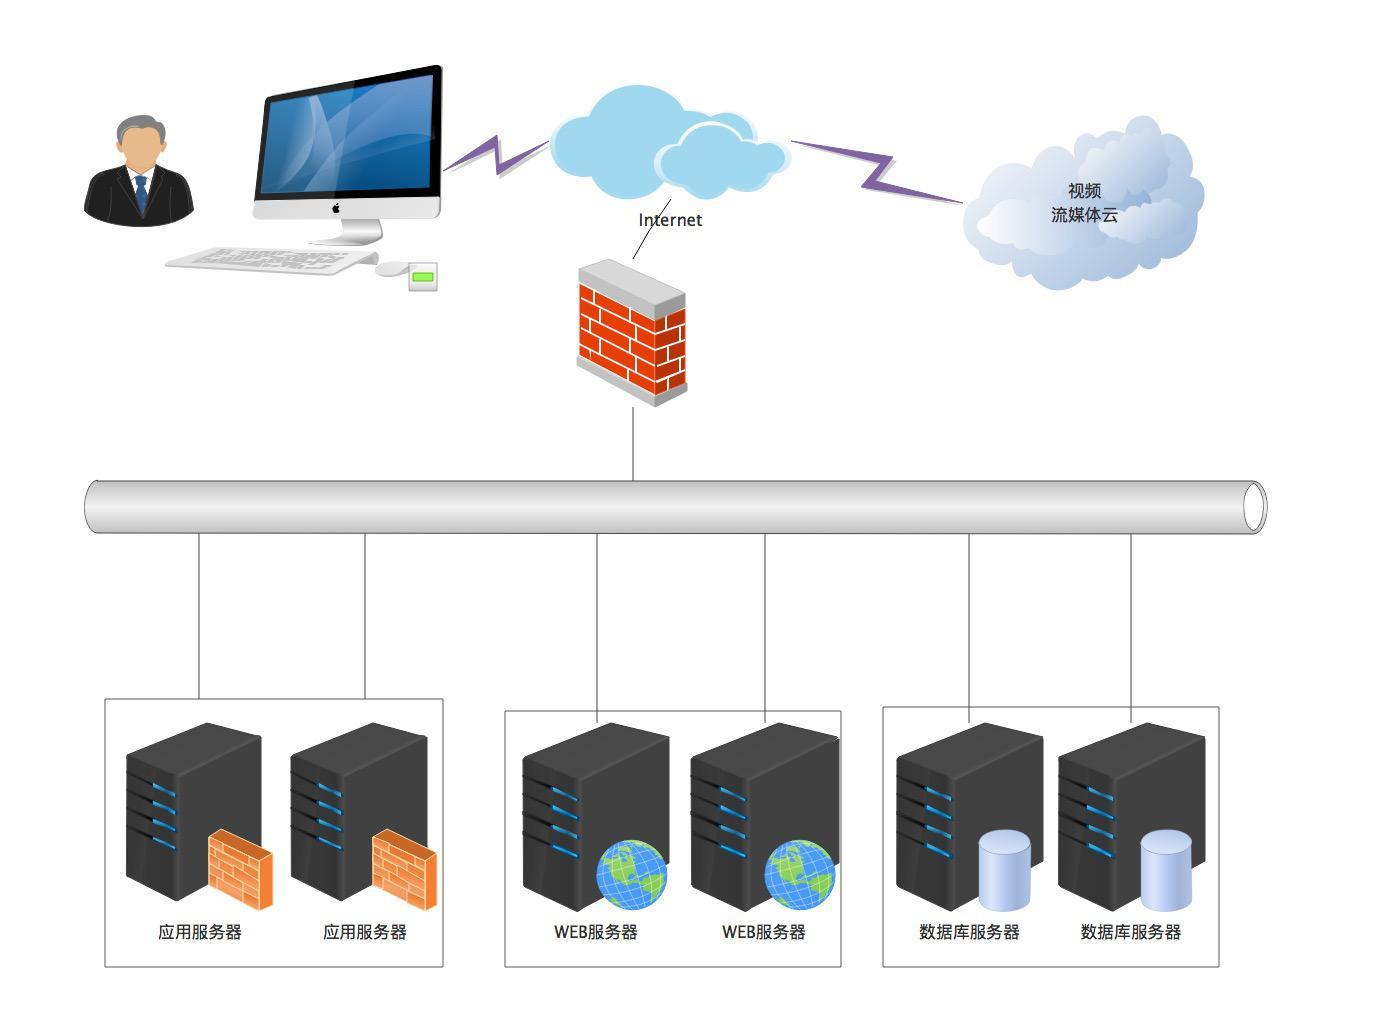 企业网站建设:云服务器和独立服务器我该如何选择?